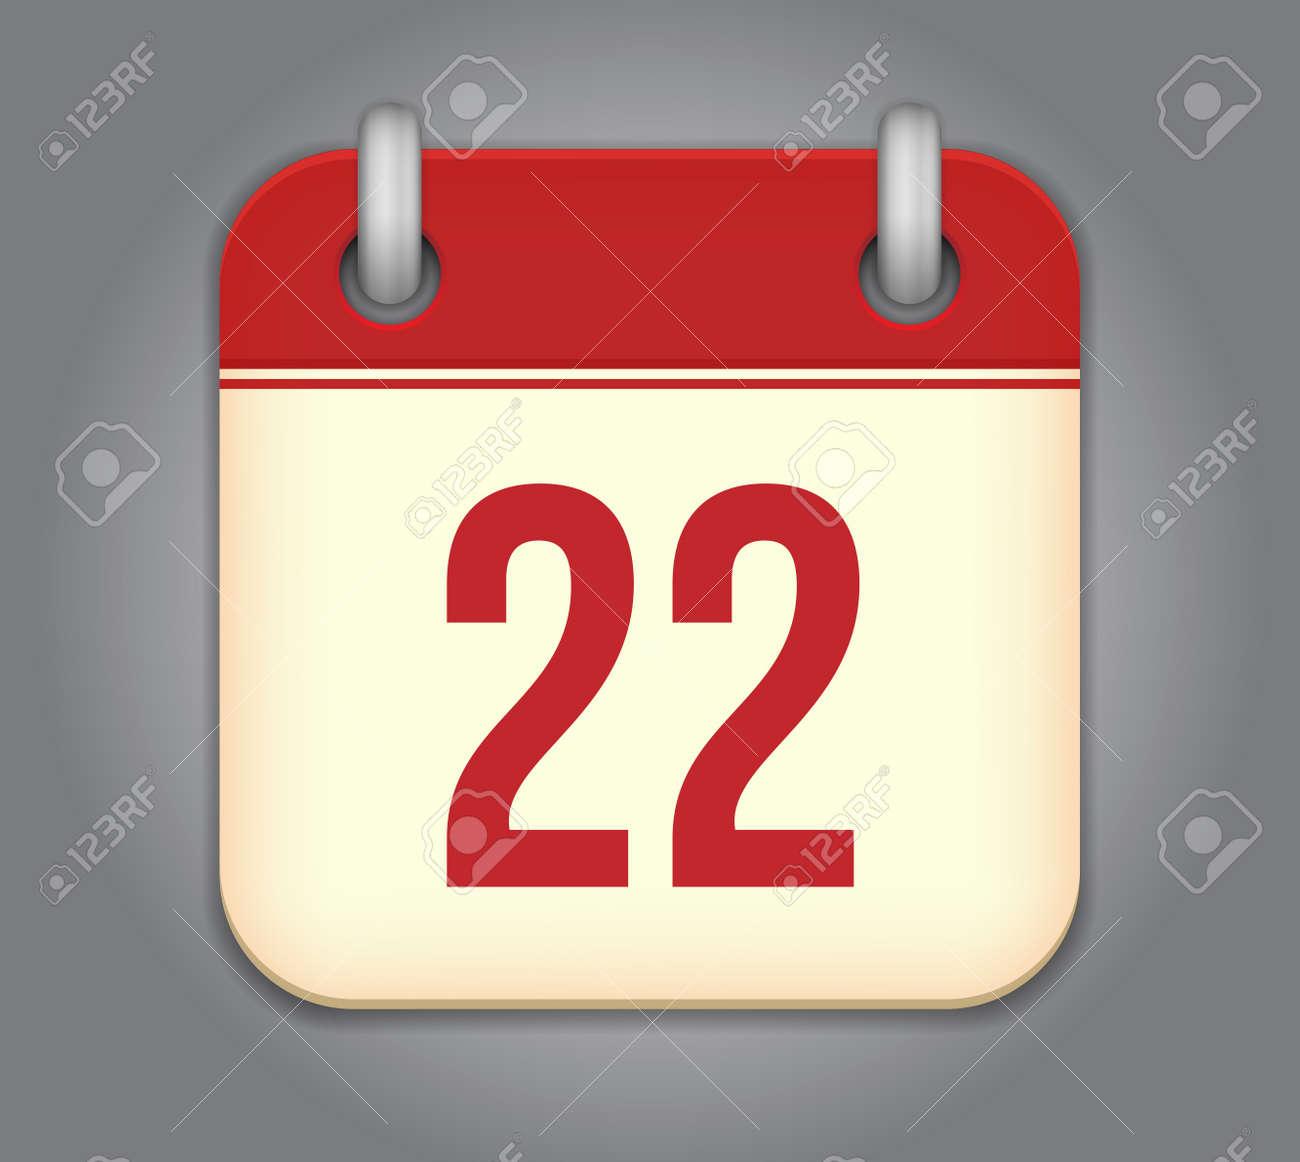 calendar app icon Stock Vector - 18349530